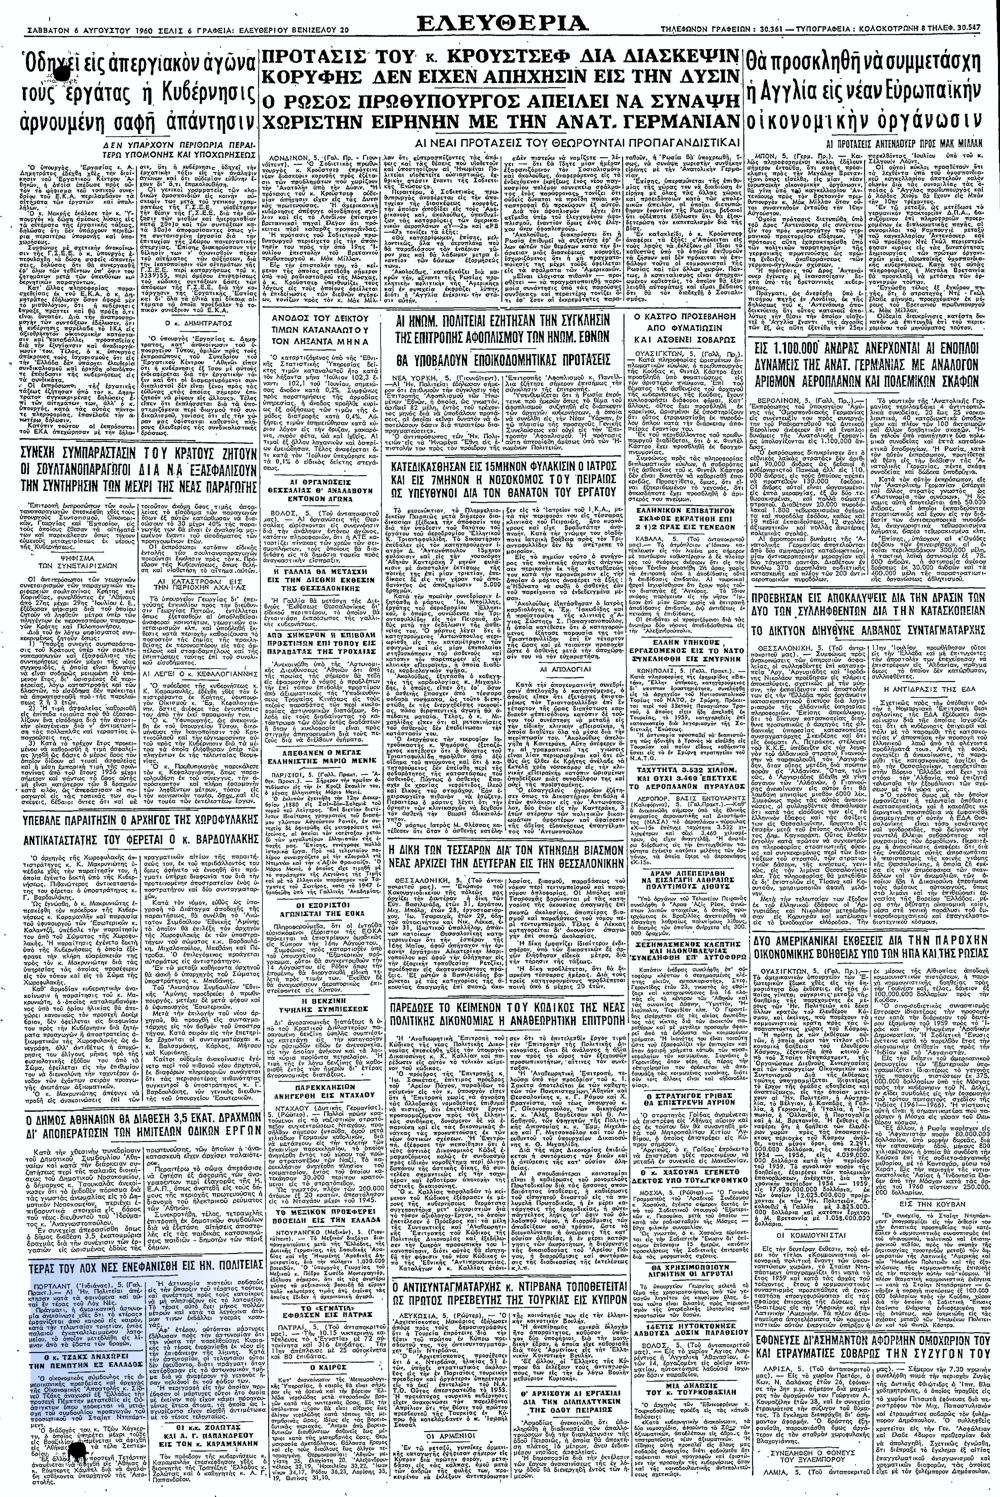 """Το άρθρο, όπως δημοσιεύθηκε στην εφημερίδα """"ΕΛΕΥΘΕΡΙΑ"""", στις 06/08/1960"""